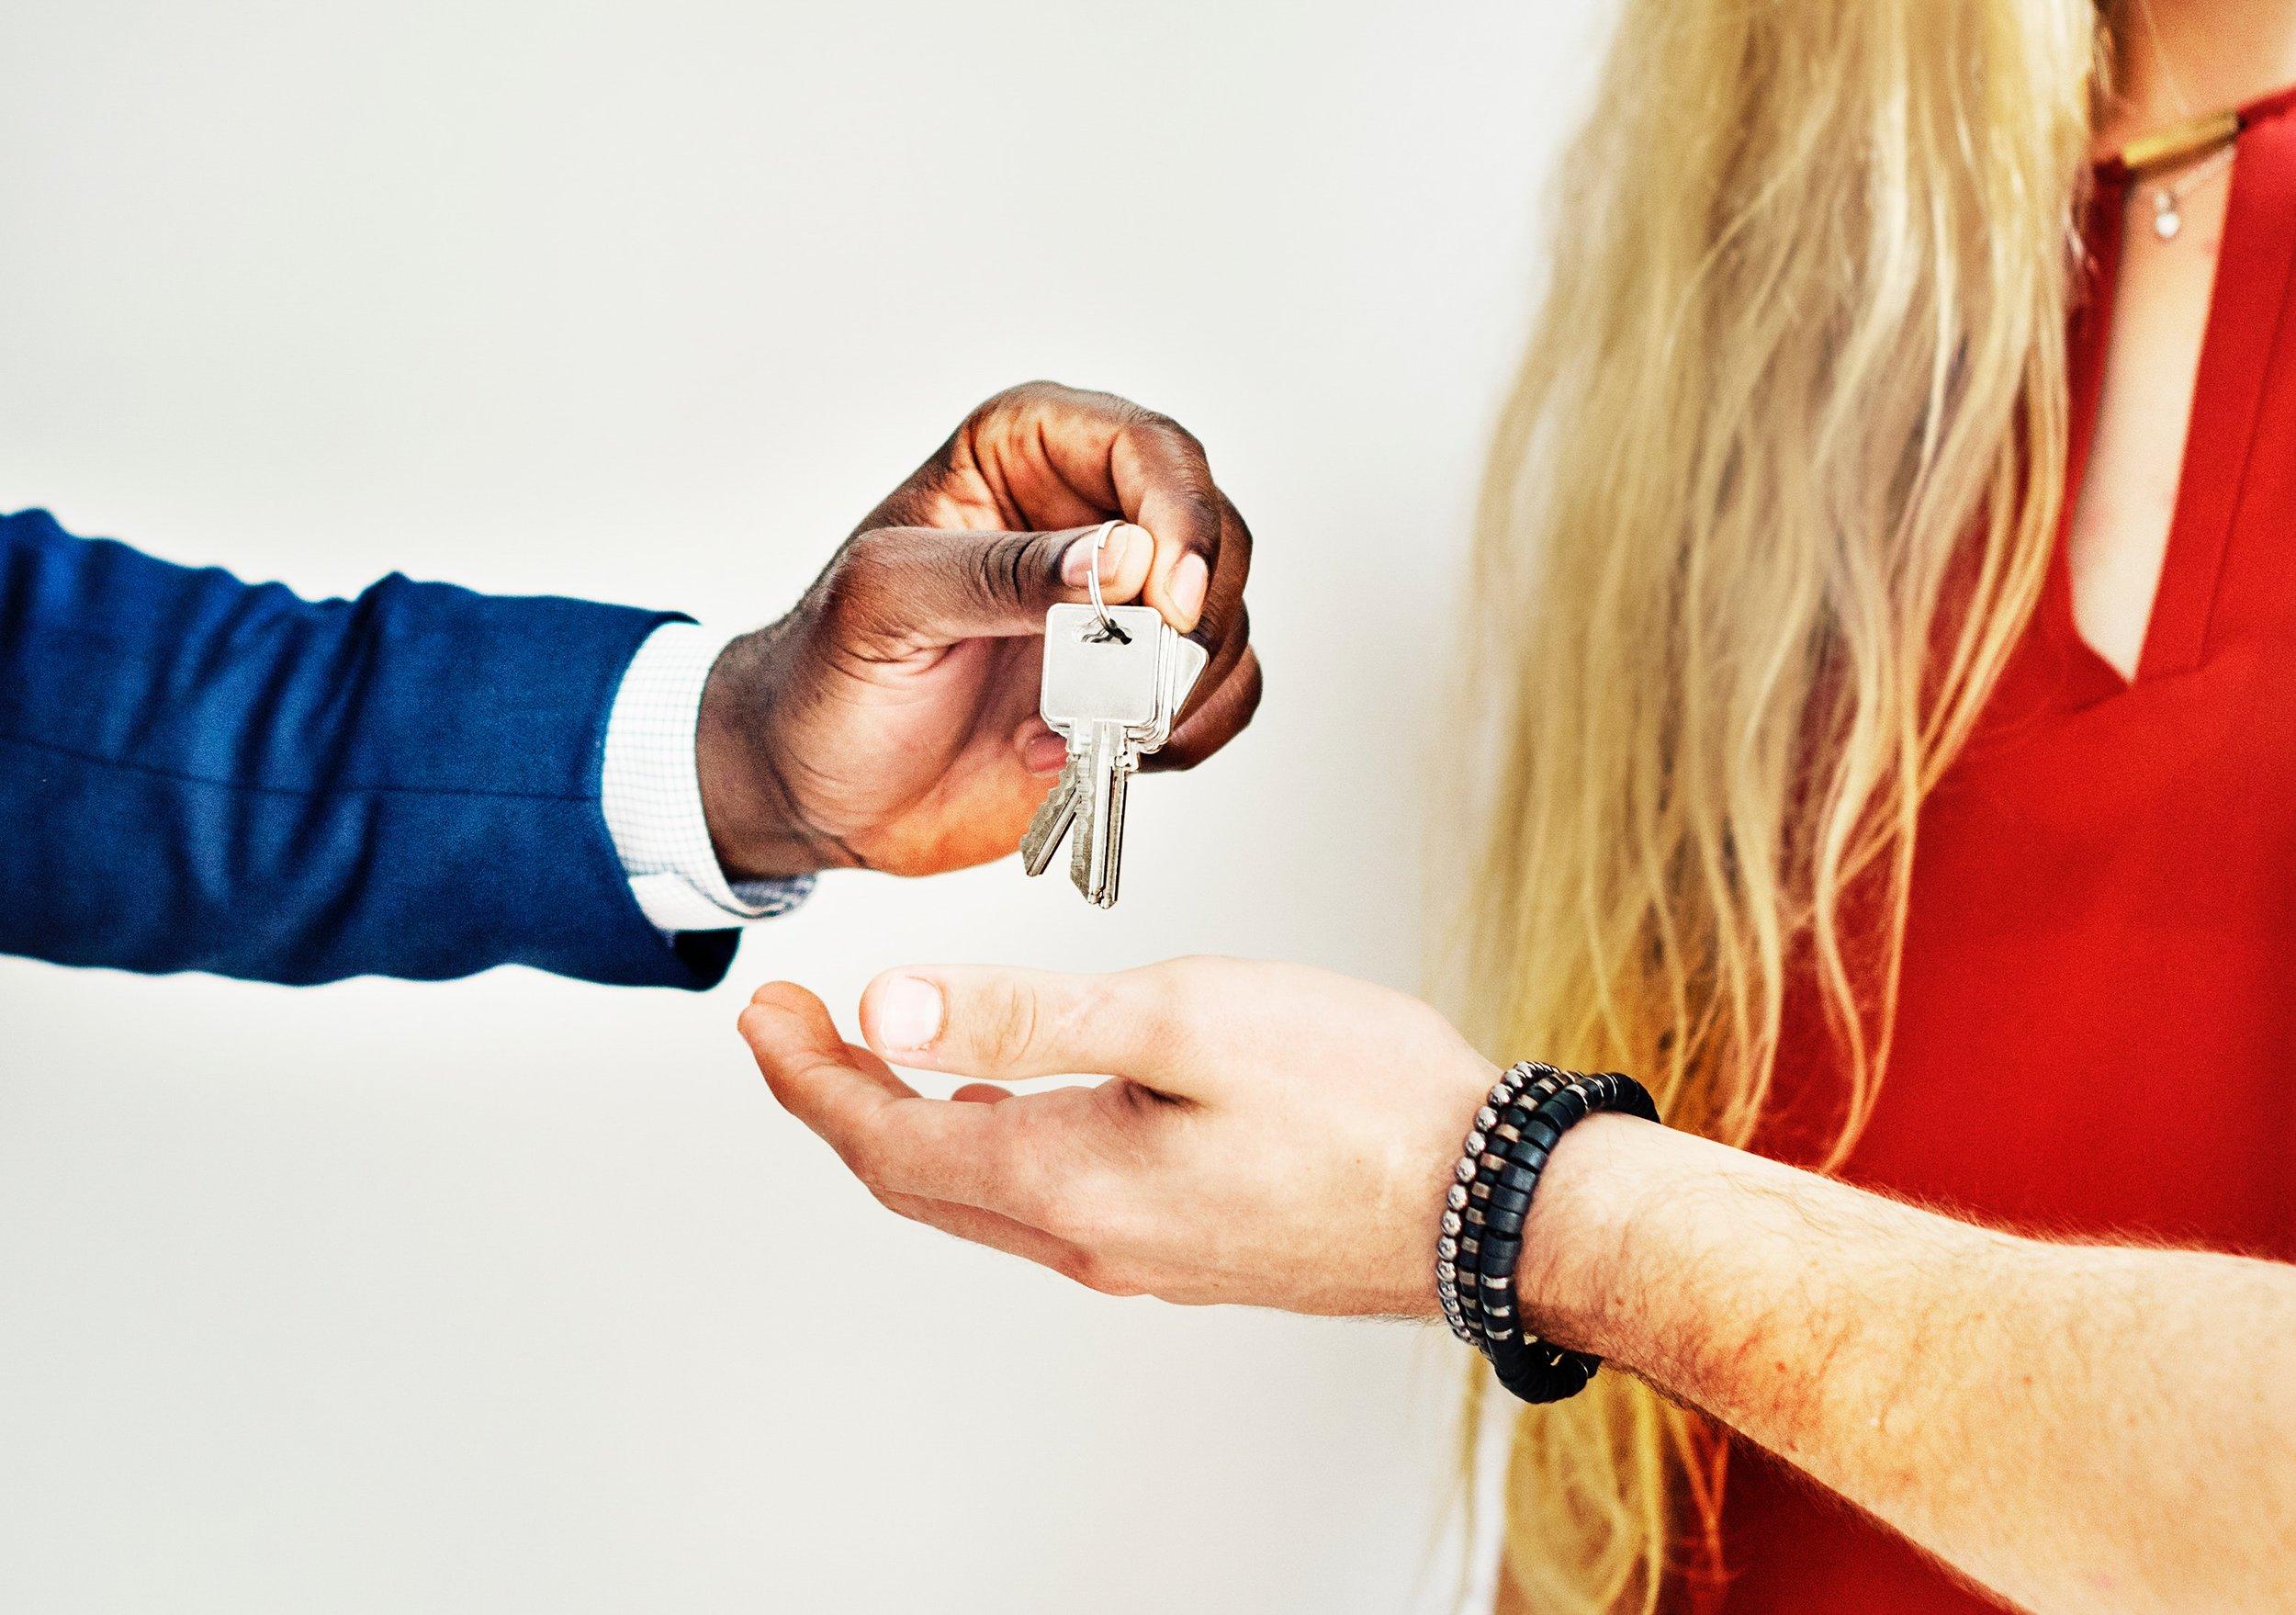 broker-buy-customers-1368687 (1).jpg